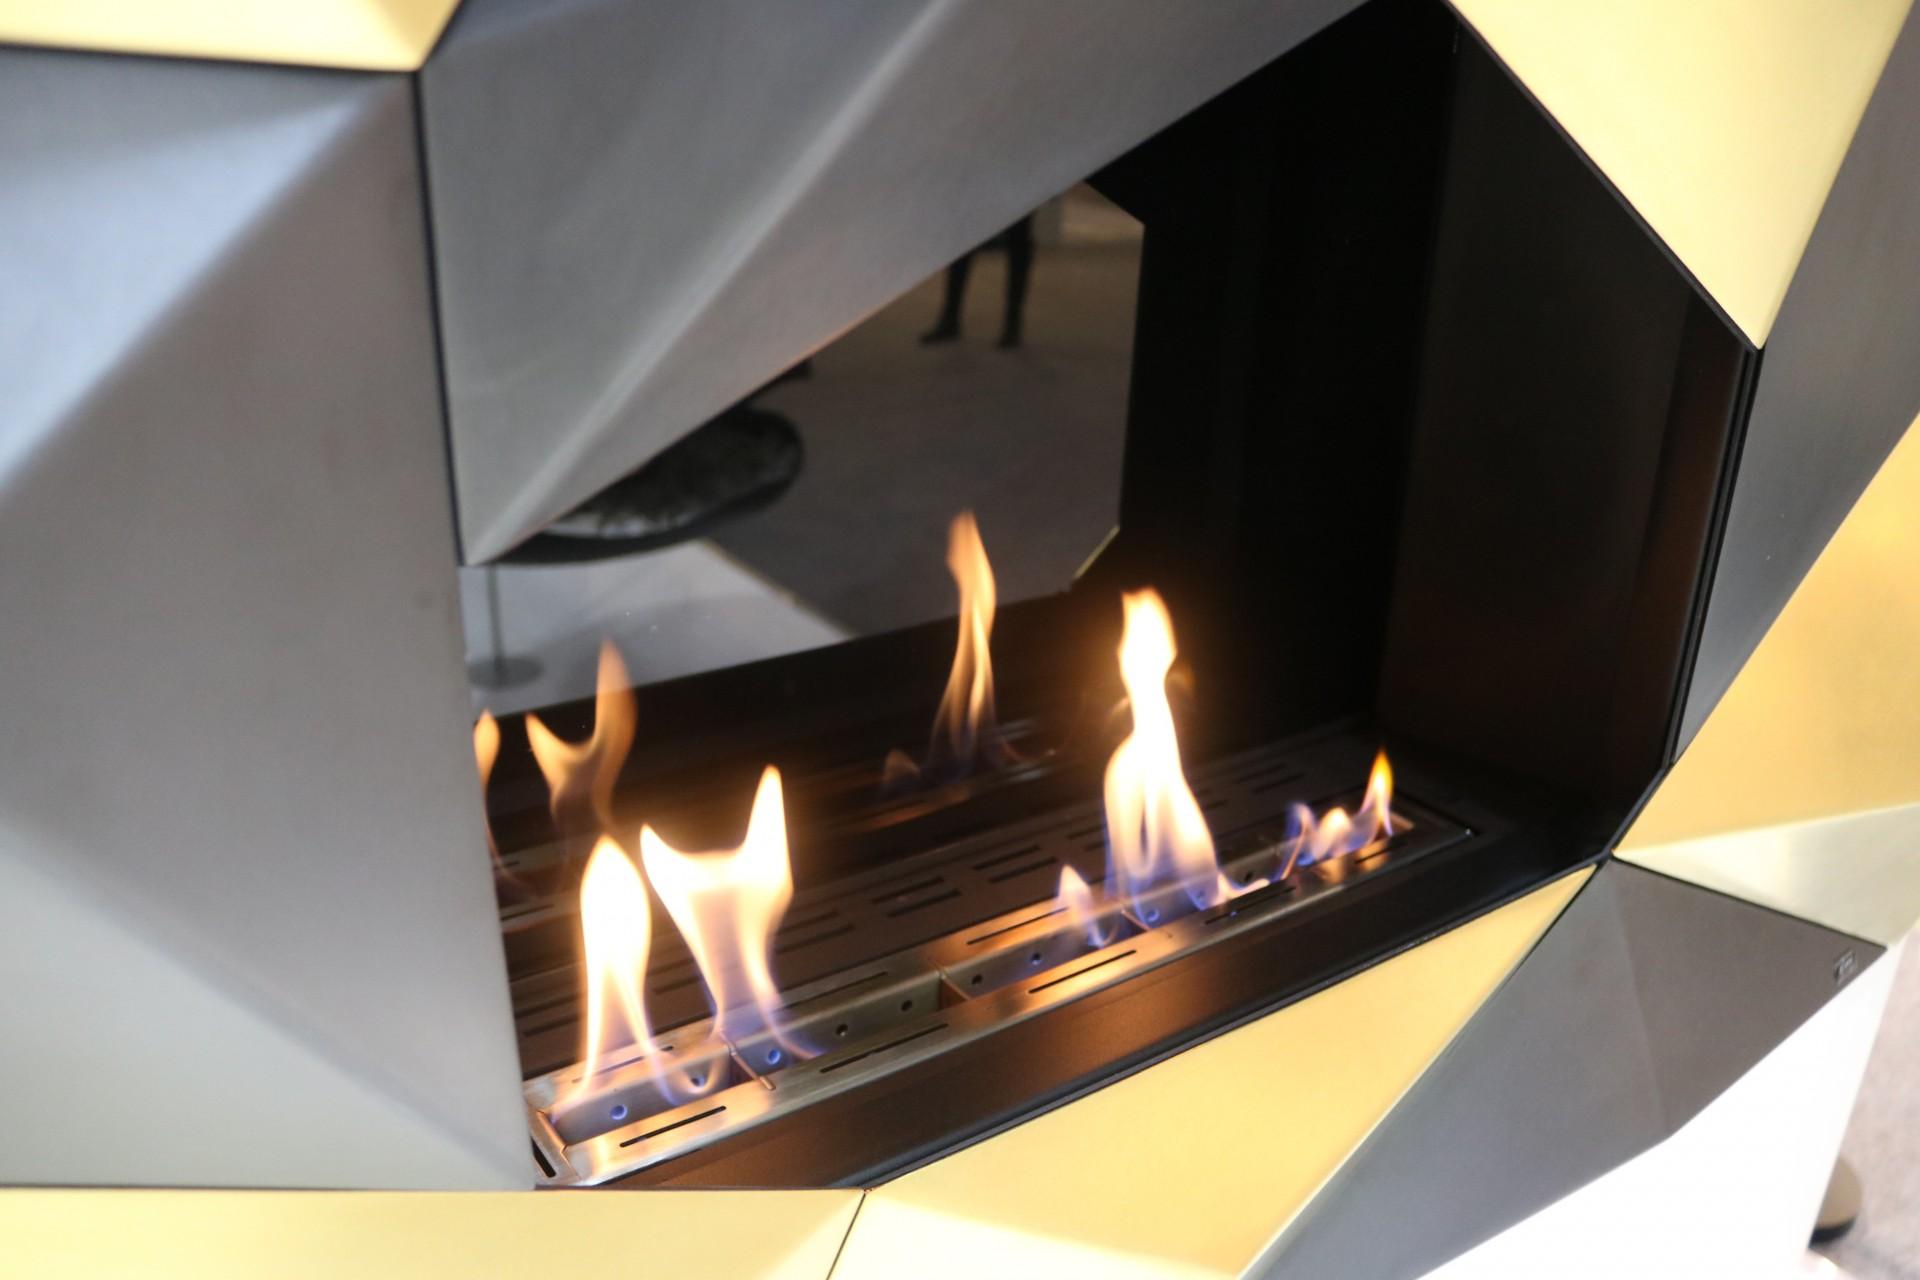 Maison et objet paris 2017 glammfire exclusive fireplaces for Maison et objet 2017